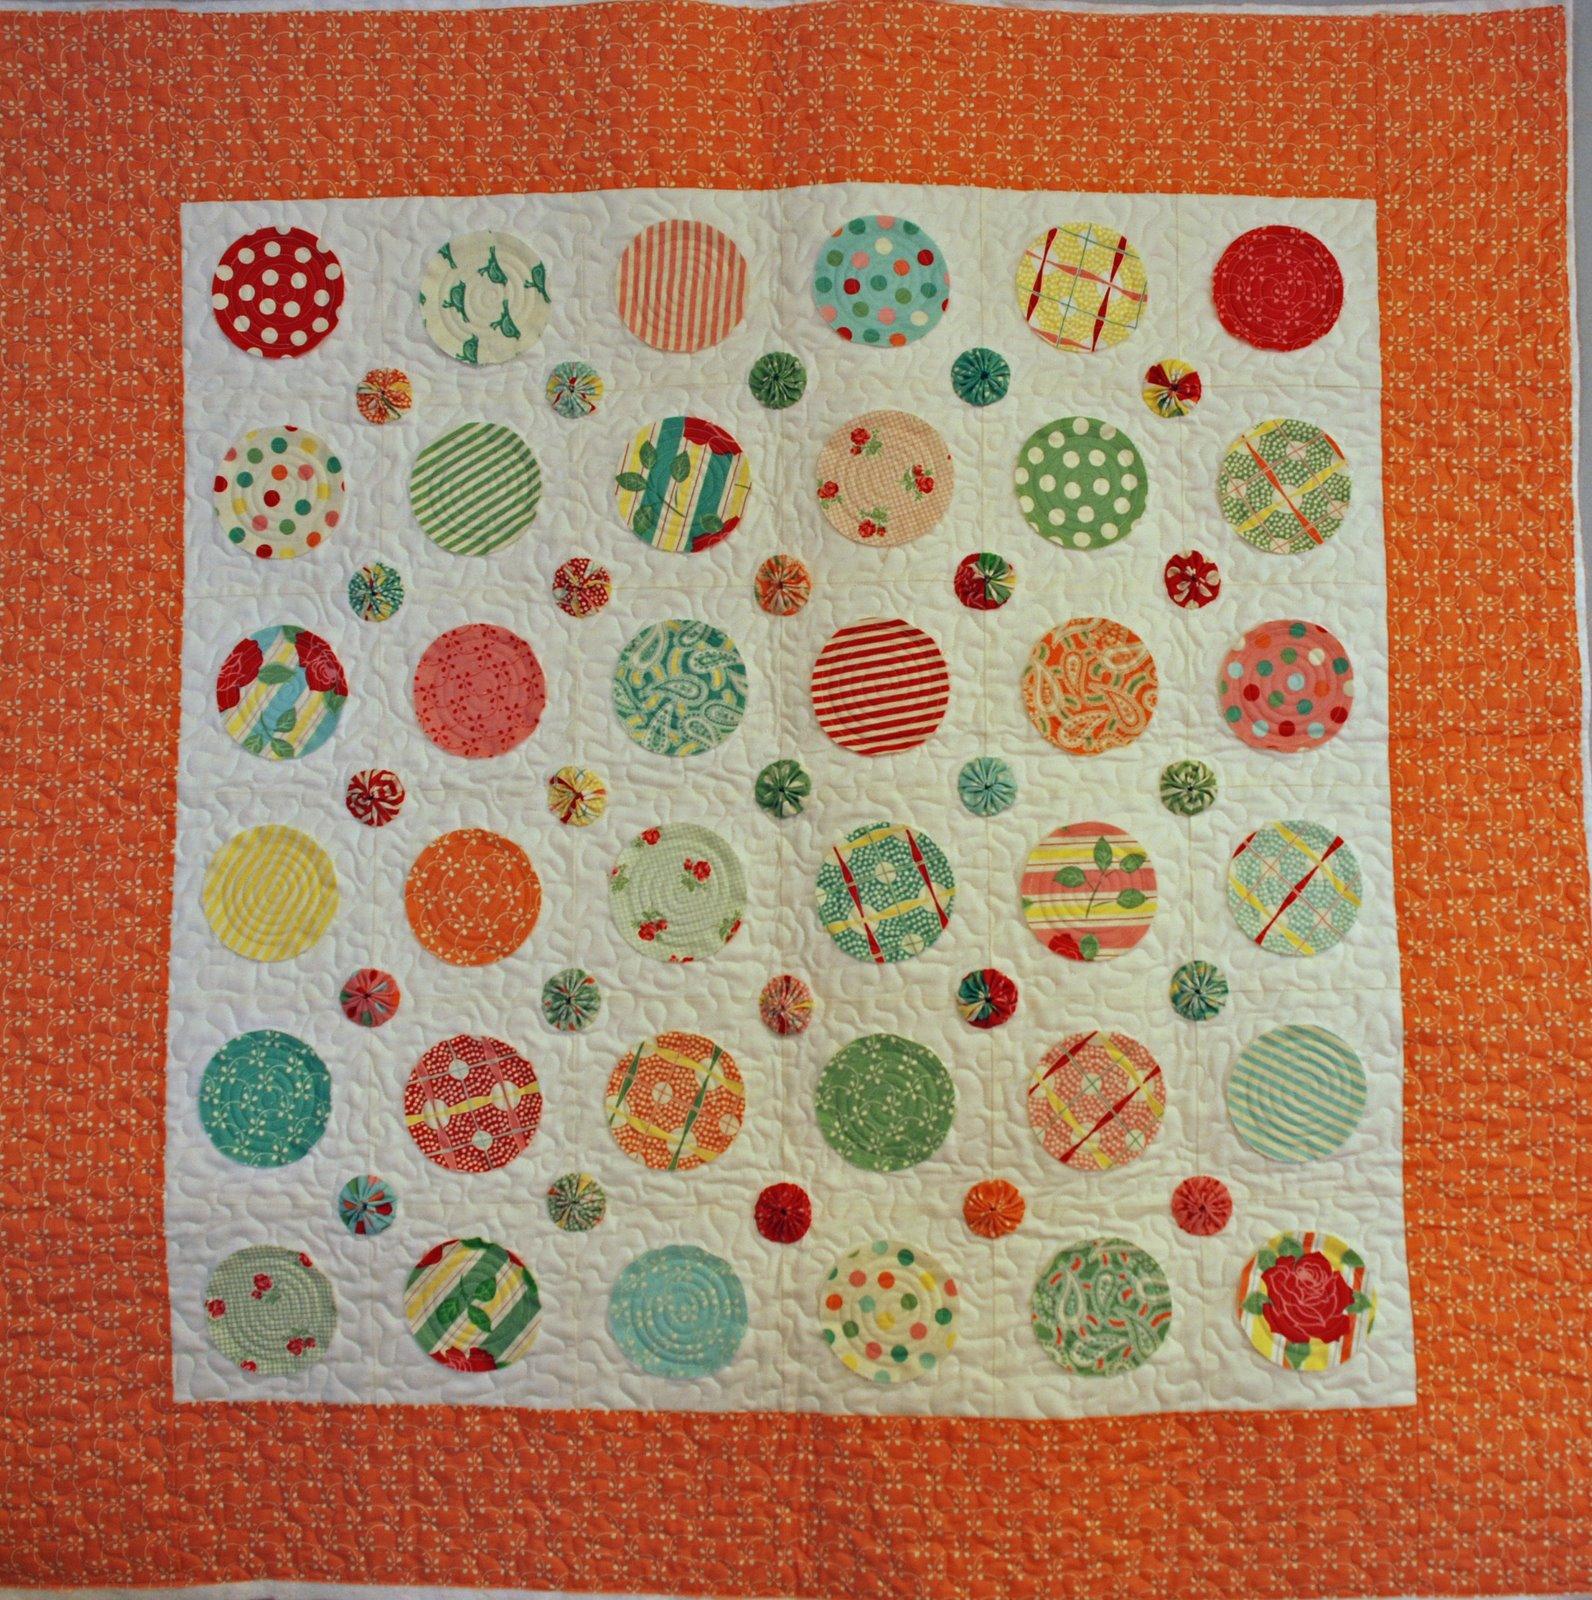 Candy Buttons Quilt Â« Moda Bake Shop : quilt buttons - Adamdwight.com